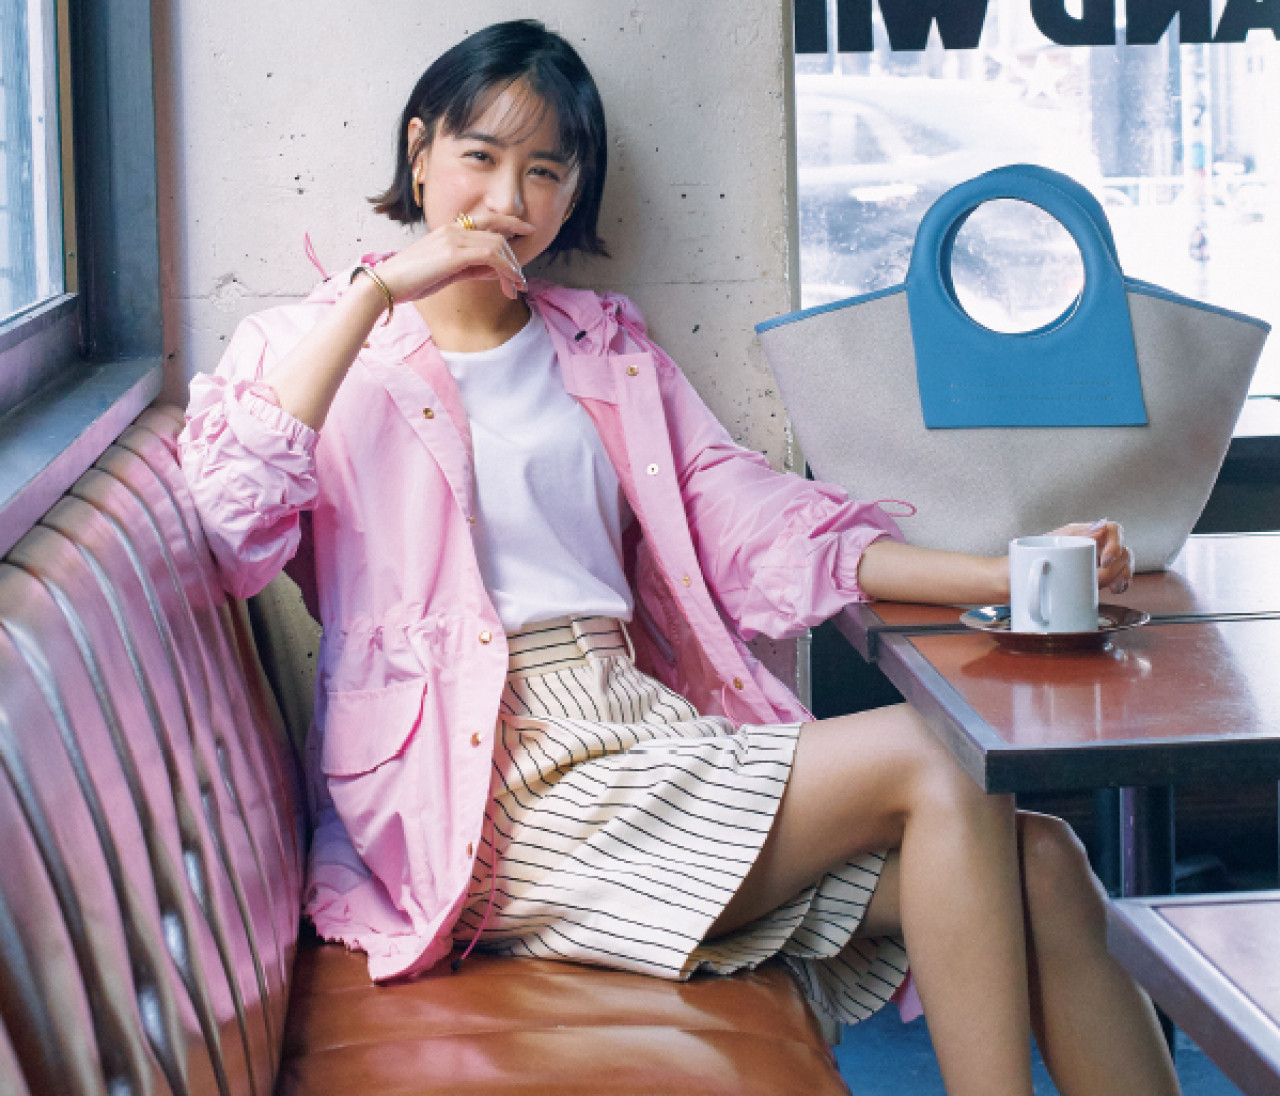 【大人のTシャツコーデ】Tシャツが今年顔になるパンツ&スカートのトレンドコーデまとめ!